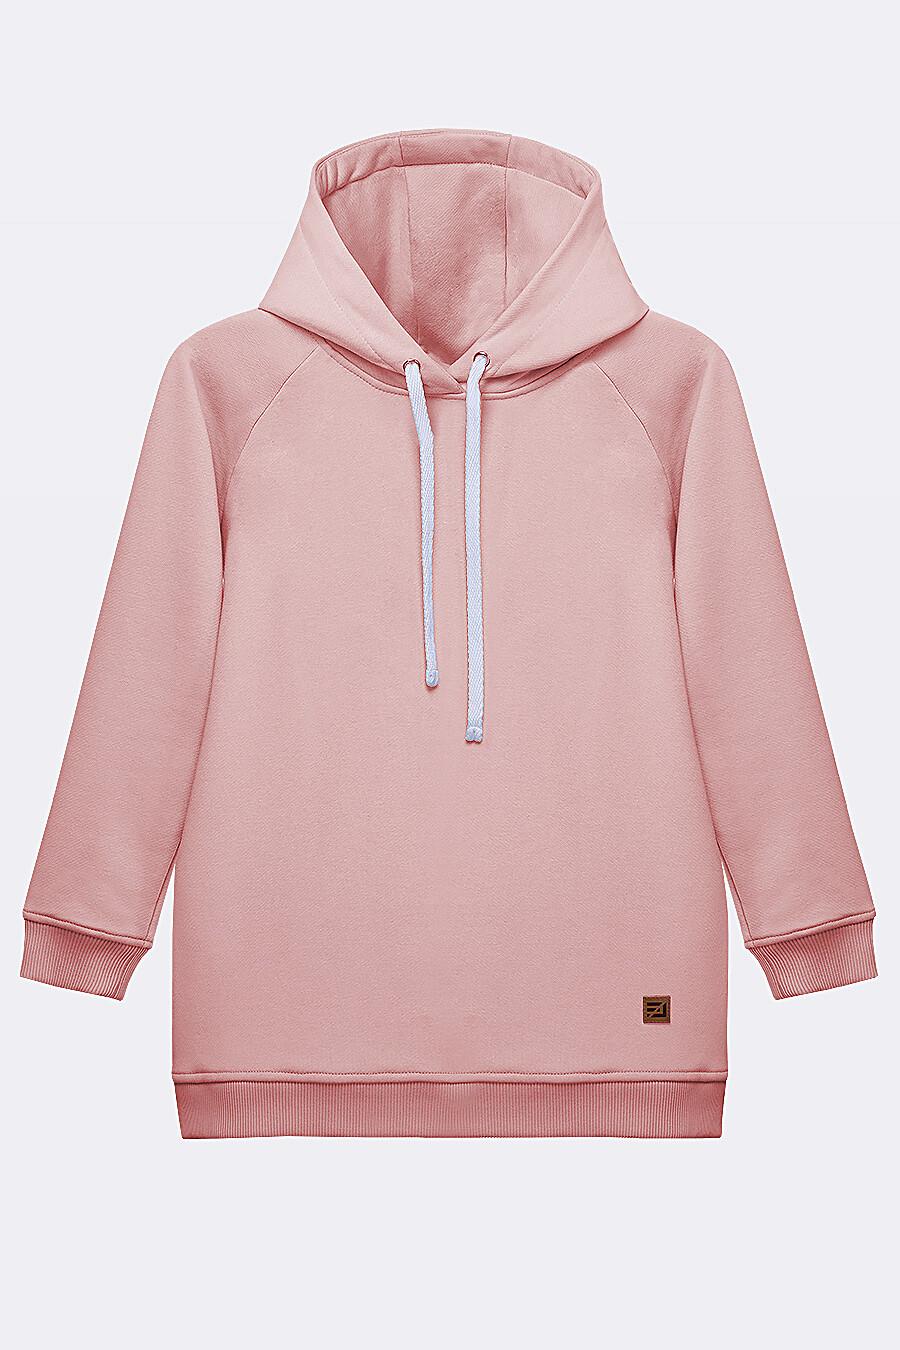 Худи для девочек EZANNA 682572 купить оптом от производителя. Совместная покупка детской одежды в OptMoyo